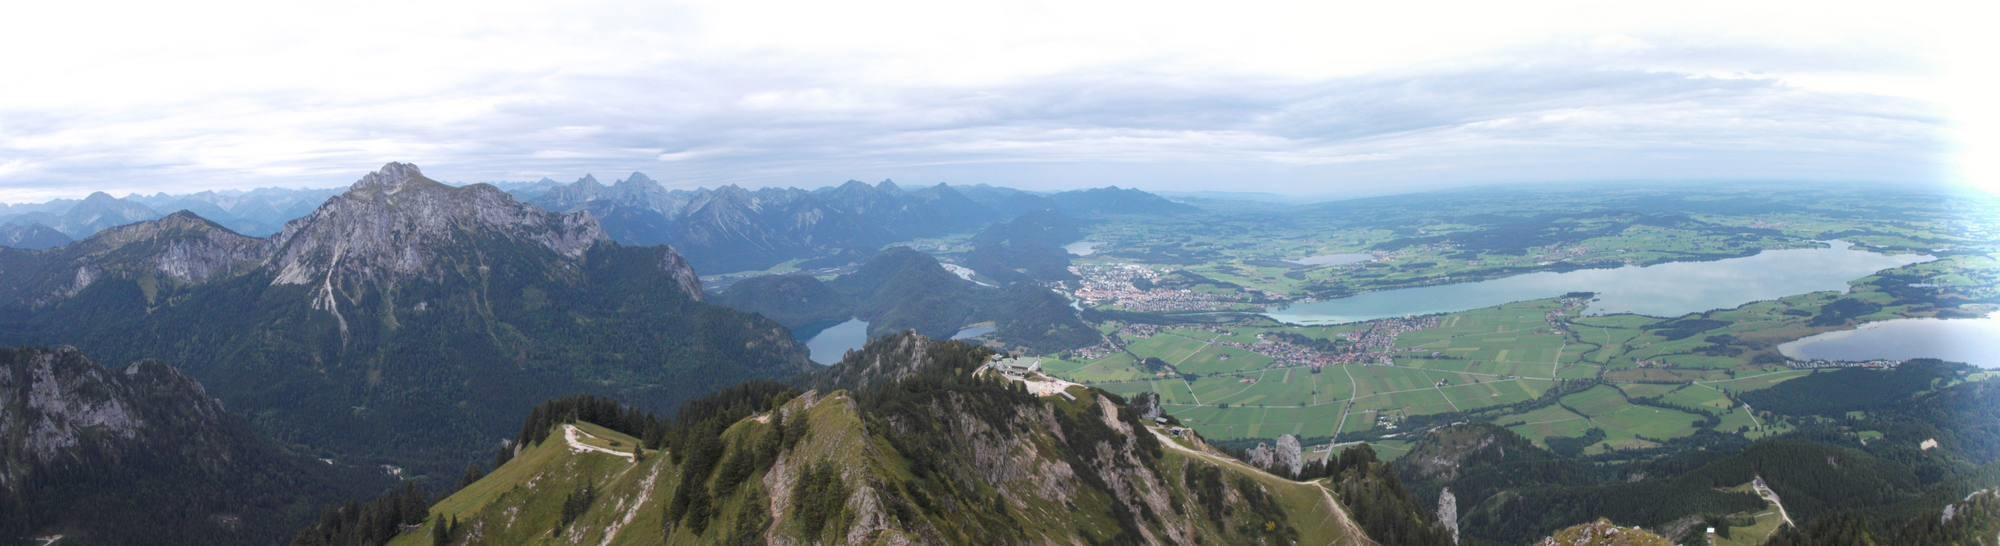 Blick vom Branderschrofen des Tegelberg auf den Säuling (links)